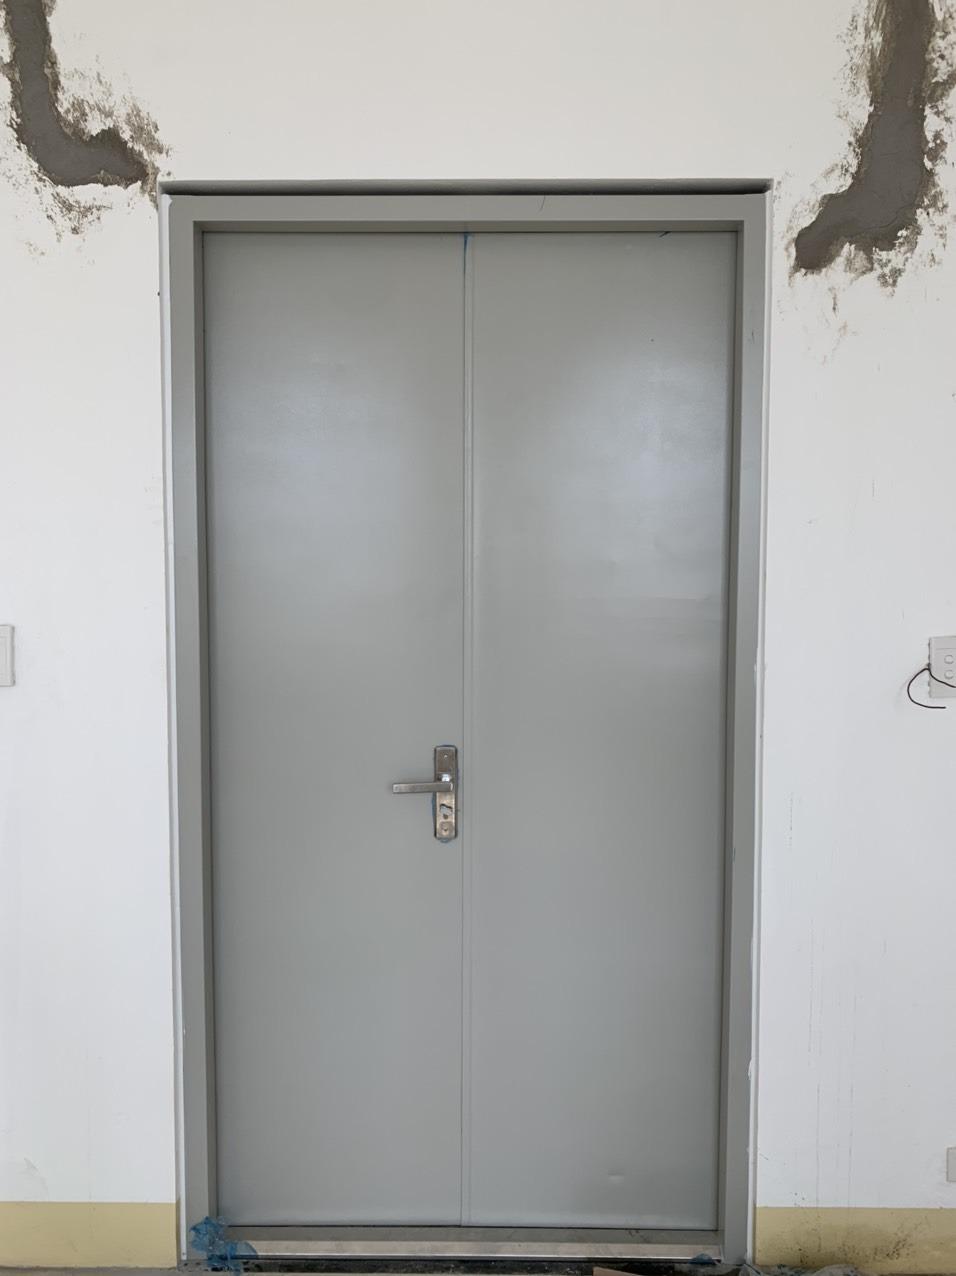 Bộ cửa chống cháy gồm những gì? Giá bao nhiêu?